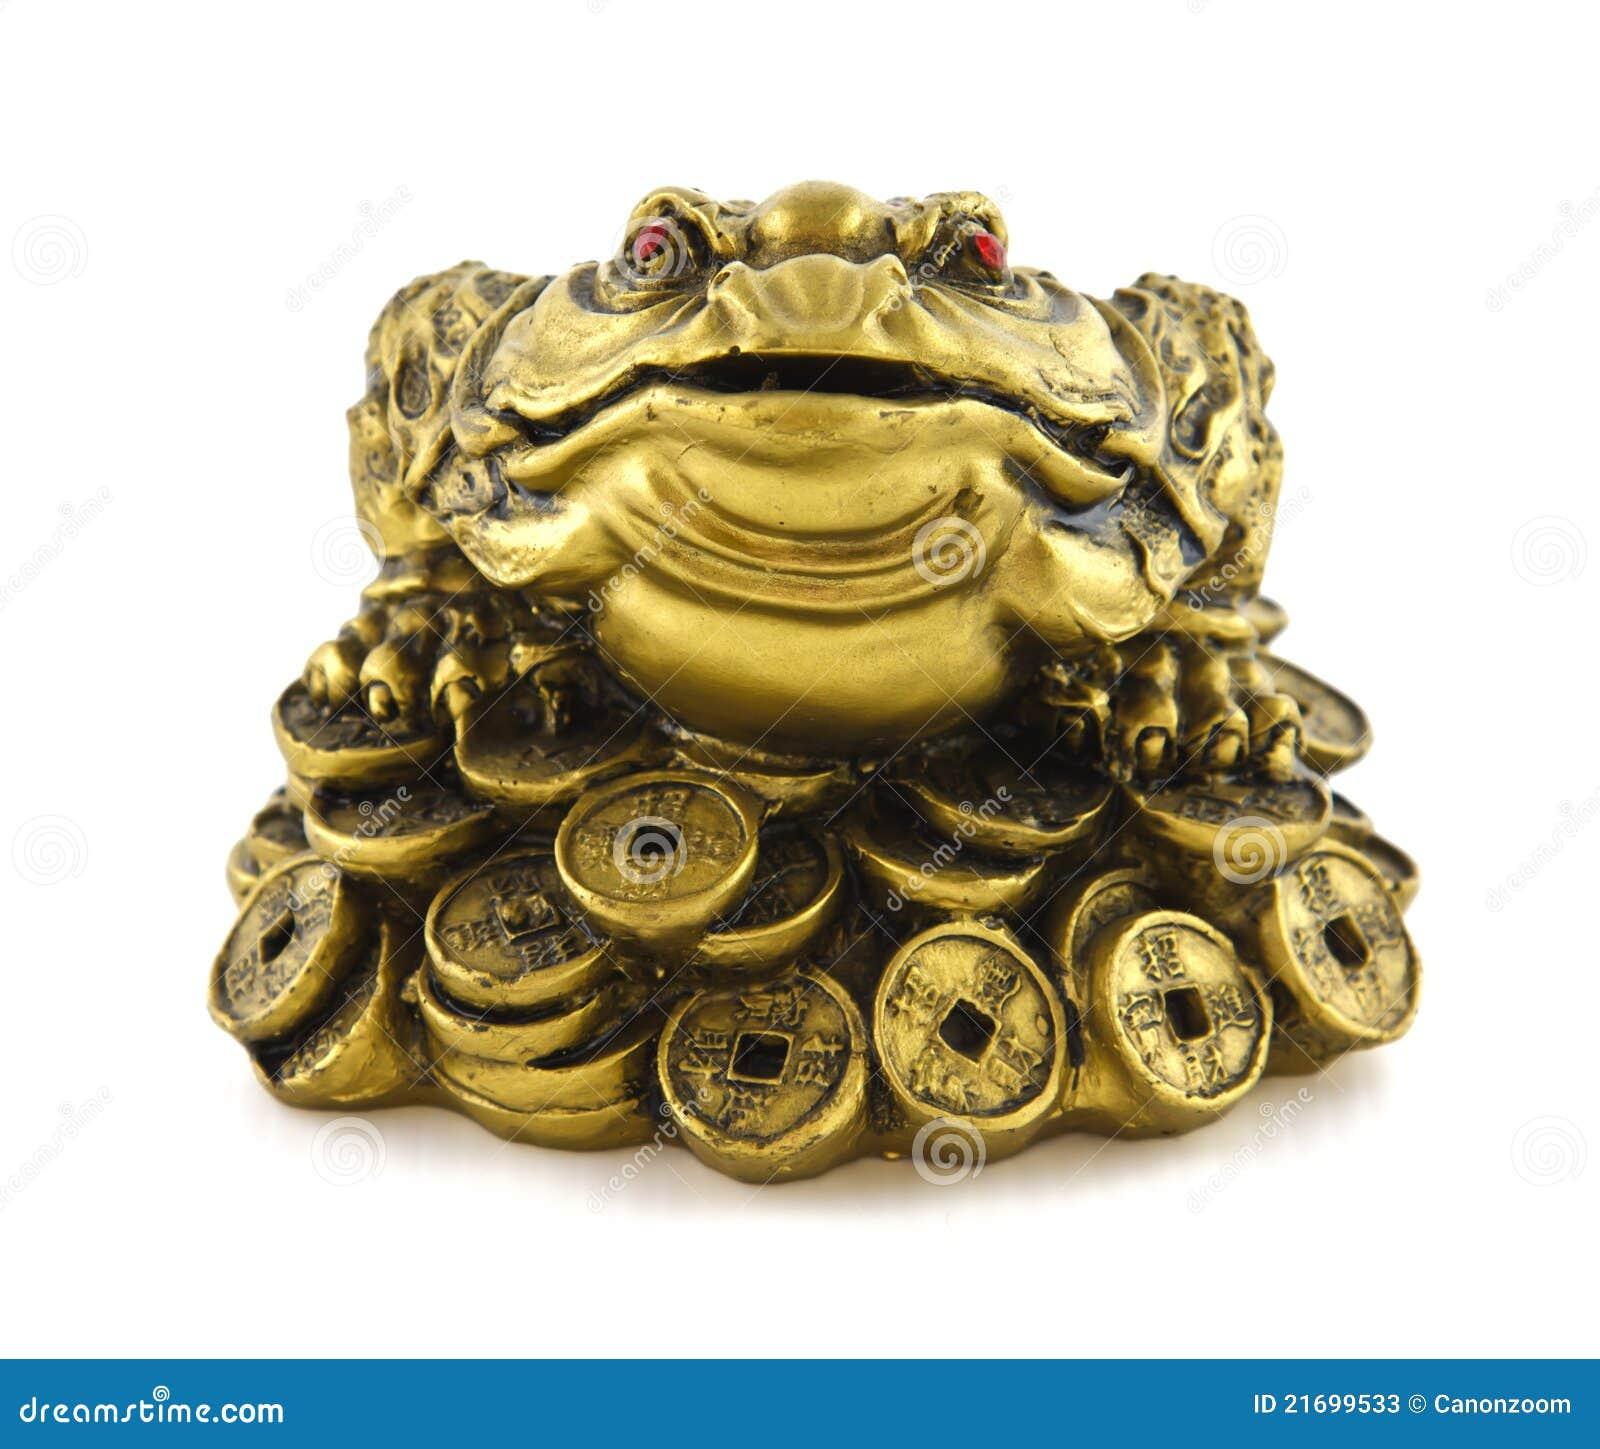 grenouille chanceuse chinoise d 39 argent de feng shui pour la bonne chance image stock image du. Black Bedroom Furniture Sets. Home Design Ideas